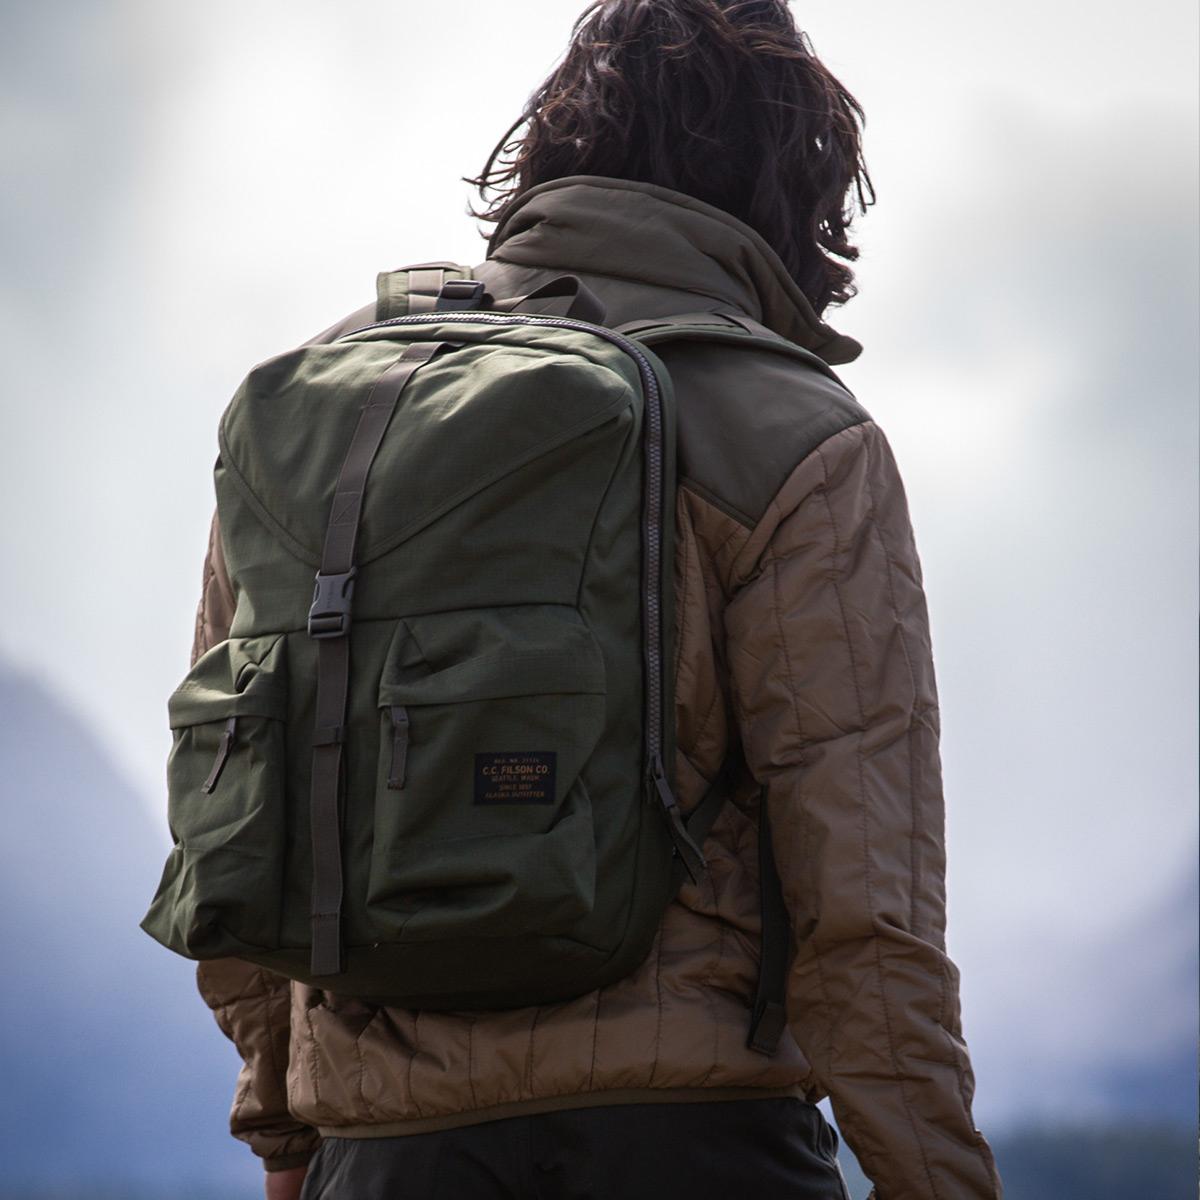 Filson Ripstop Backpack 20115929 Surplus Green, Lichtgewicht en stoer, ontworpen voor comfort op lange tochten